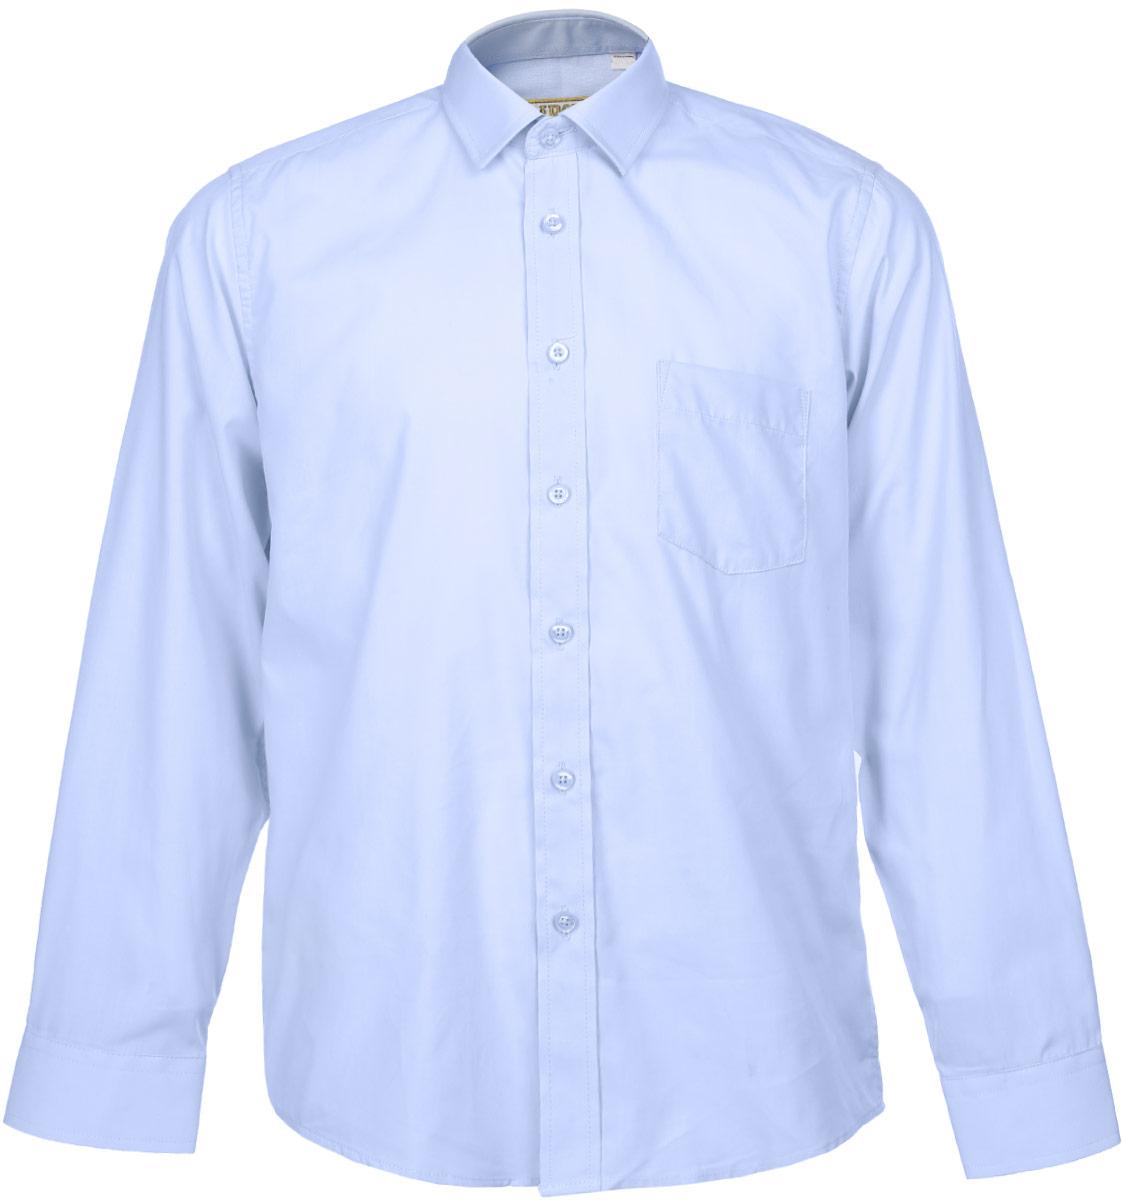 РубашкаDream BlueСтильная рубашка для мальчика Tsarevich идеально подойдет для школы. Изготовленная из хлопка с добавлением полиэстера, она необычайно мягкая, легкая и приятная на ощупь, не сковывает движения и позволяет коже дышать, не раздражает даже самую нежную и чувствительную кожу ребенка, обеспечивая ему наибольший комфорт. Рубашка классического кроя с длинными рукавами и отложным воротничком застегивается на пуговицы, на груди она дополнена небольшим накладным кармашком. Рукава имеют широкие манжеты, также застегивающиеся на пуговицу. Такая рубашка - незаменимая вещь для школьной формы, отлично сочетается с брюками, жилетами и пиджаками.